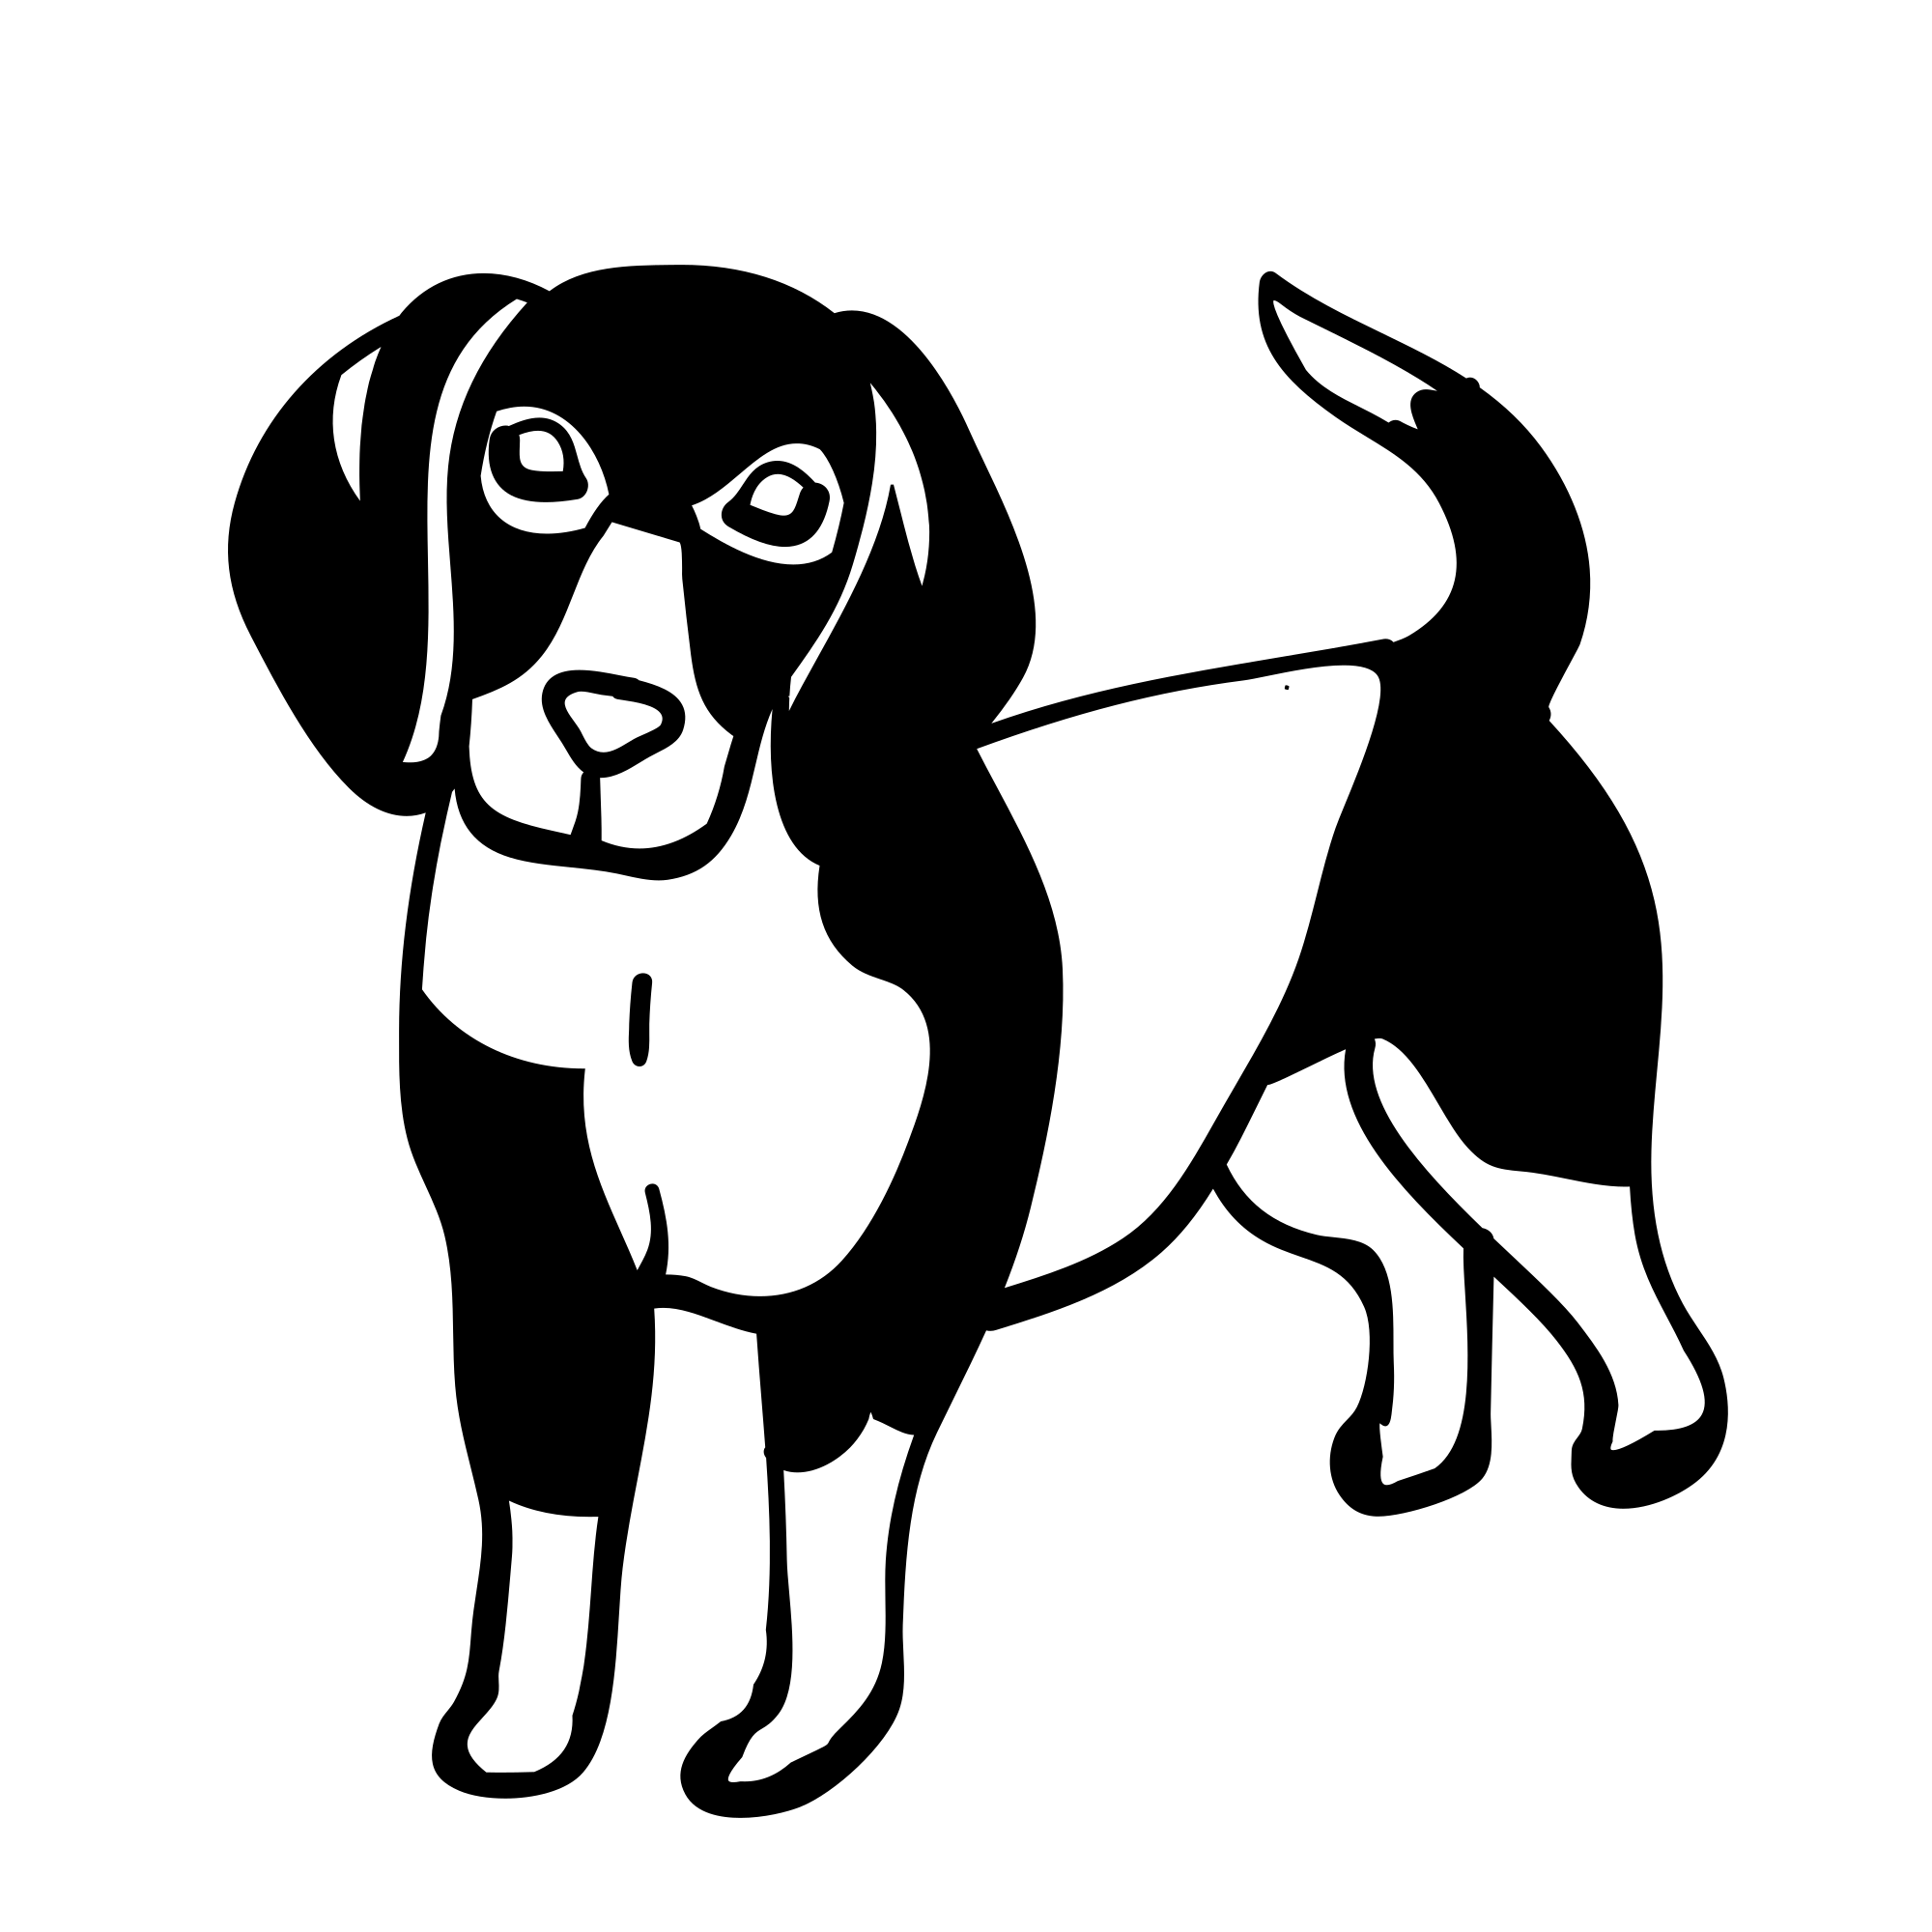 Naklejka na ścianę pies beagle 7